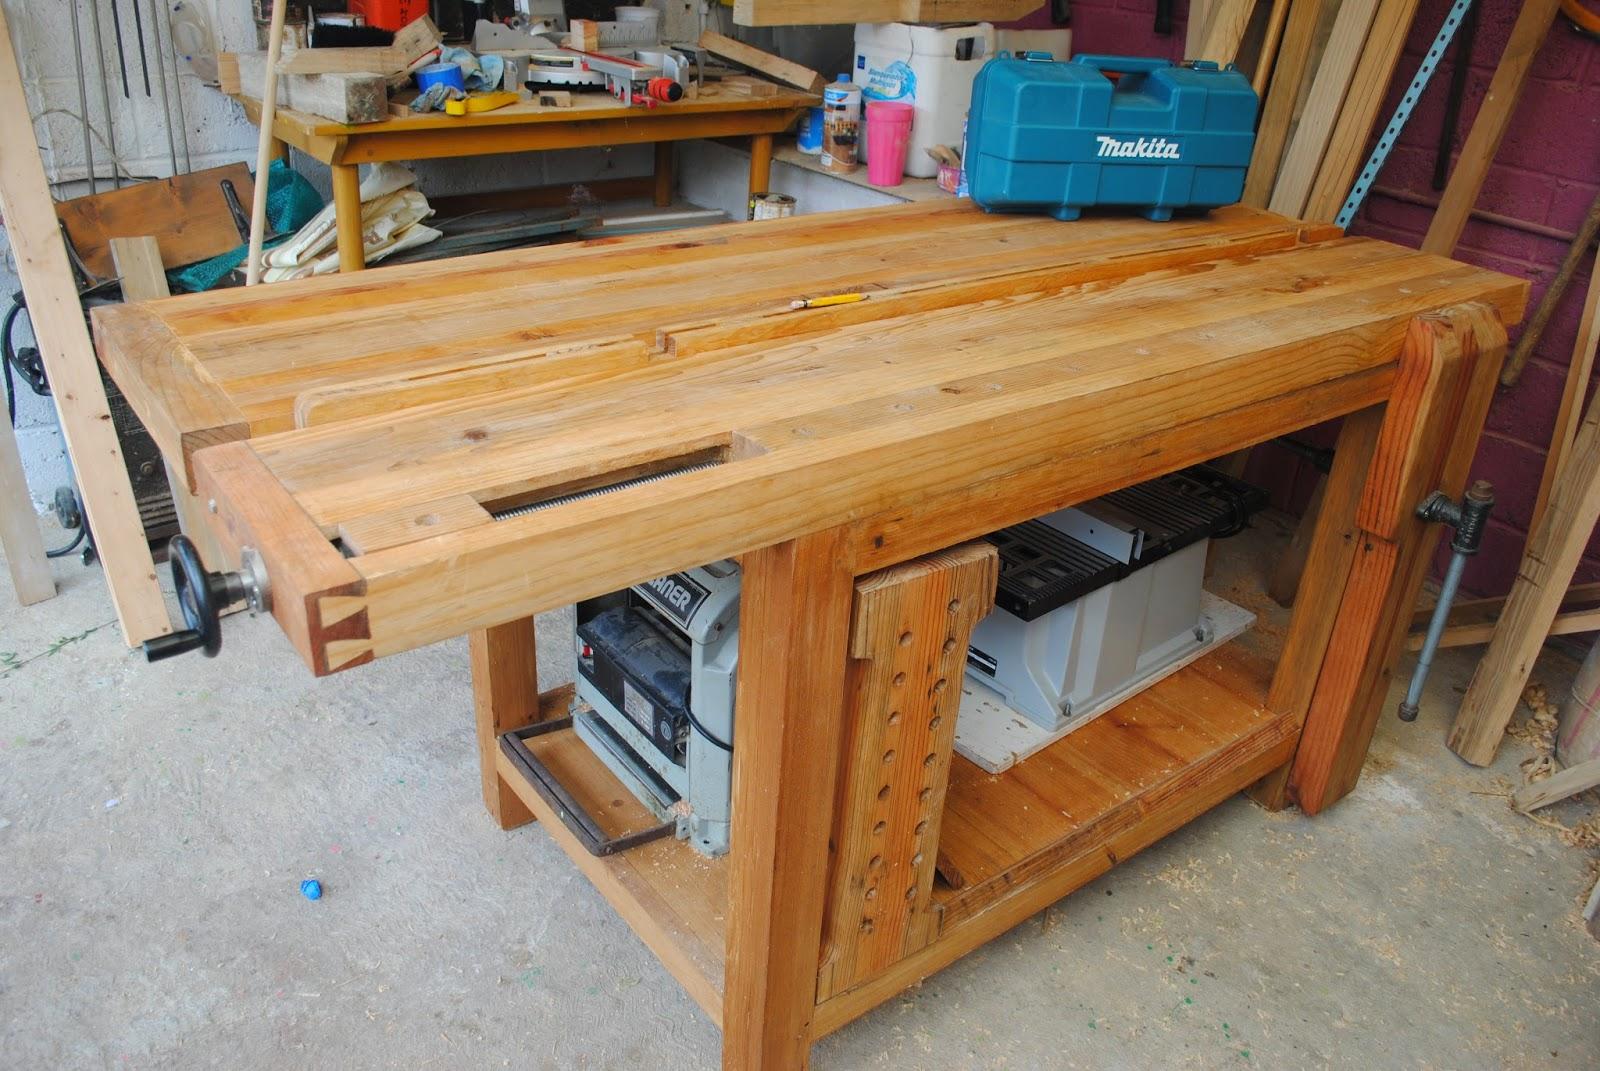 Banco de trabajo estilo roubo woodworkers carpinteria y - Banco de madera ...